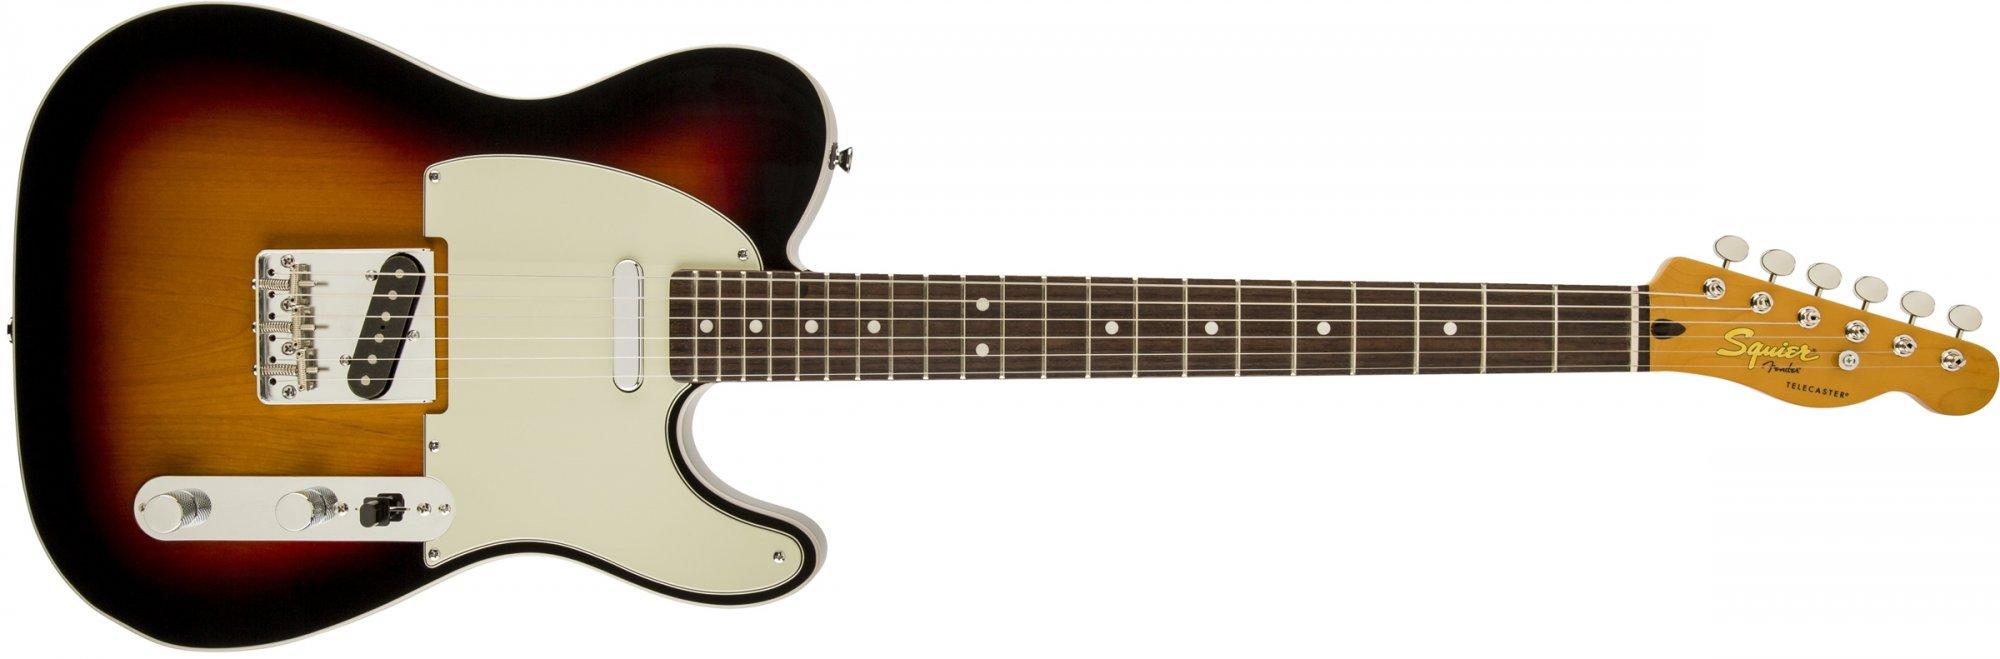 Fender Squier Classic Vibe Telecaster Custom Laurel Fretboard, 3-Tone Sunburst